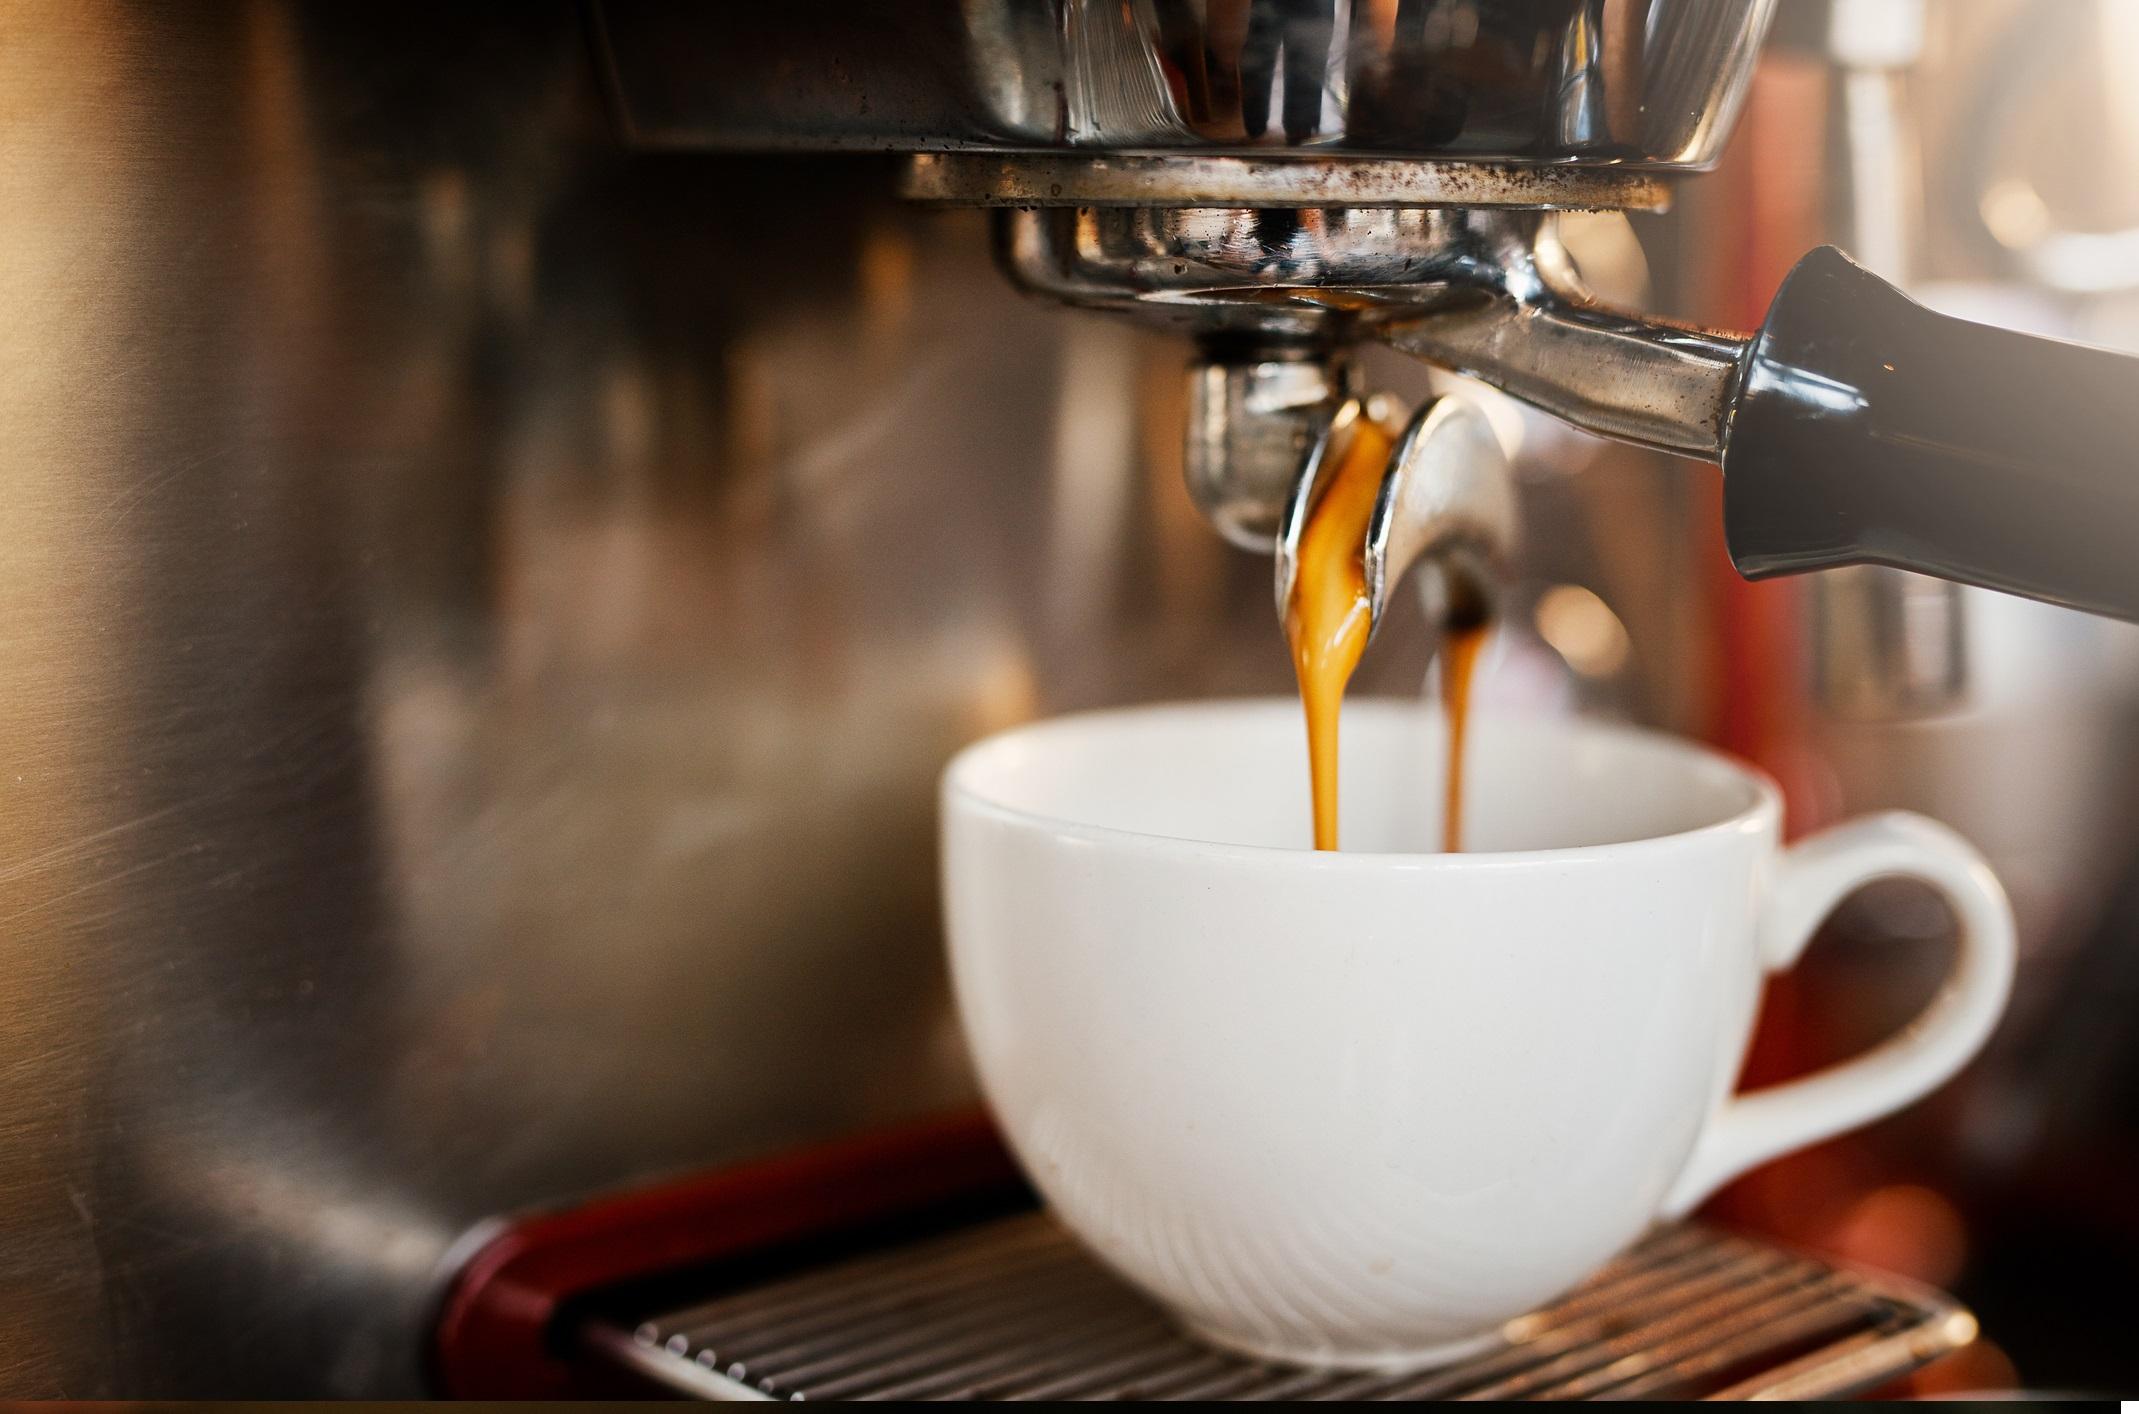 <p><strong>Хора със сърдечни проблеми като аритмия</strong></p>  <p>Тъй като може да причини временно повишаване на кръвното налягане и сърдечната честота, важно е всеки, който има вече съществуващи сърдечни заболявания, да говори със своя лекар за това колко кафе е безопасно да се консумира.</p>